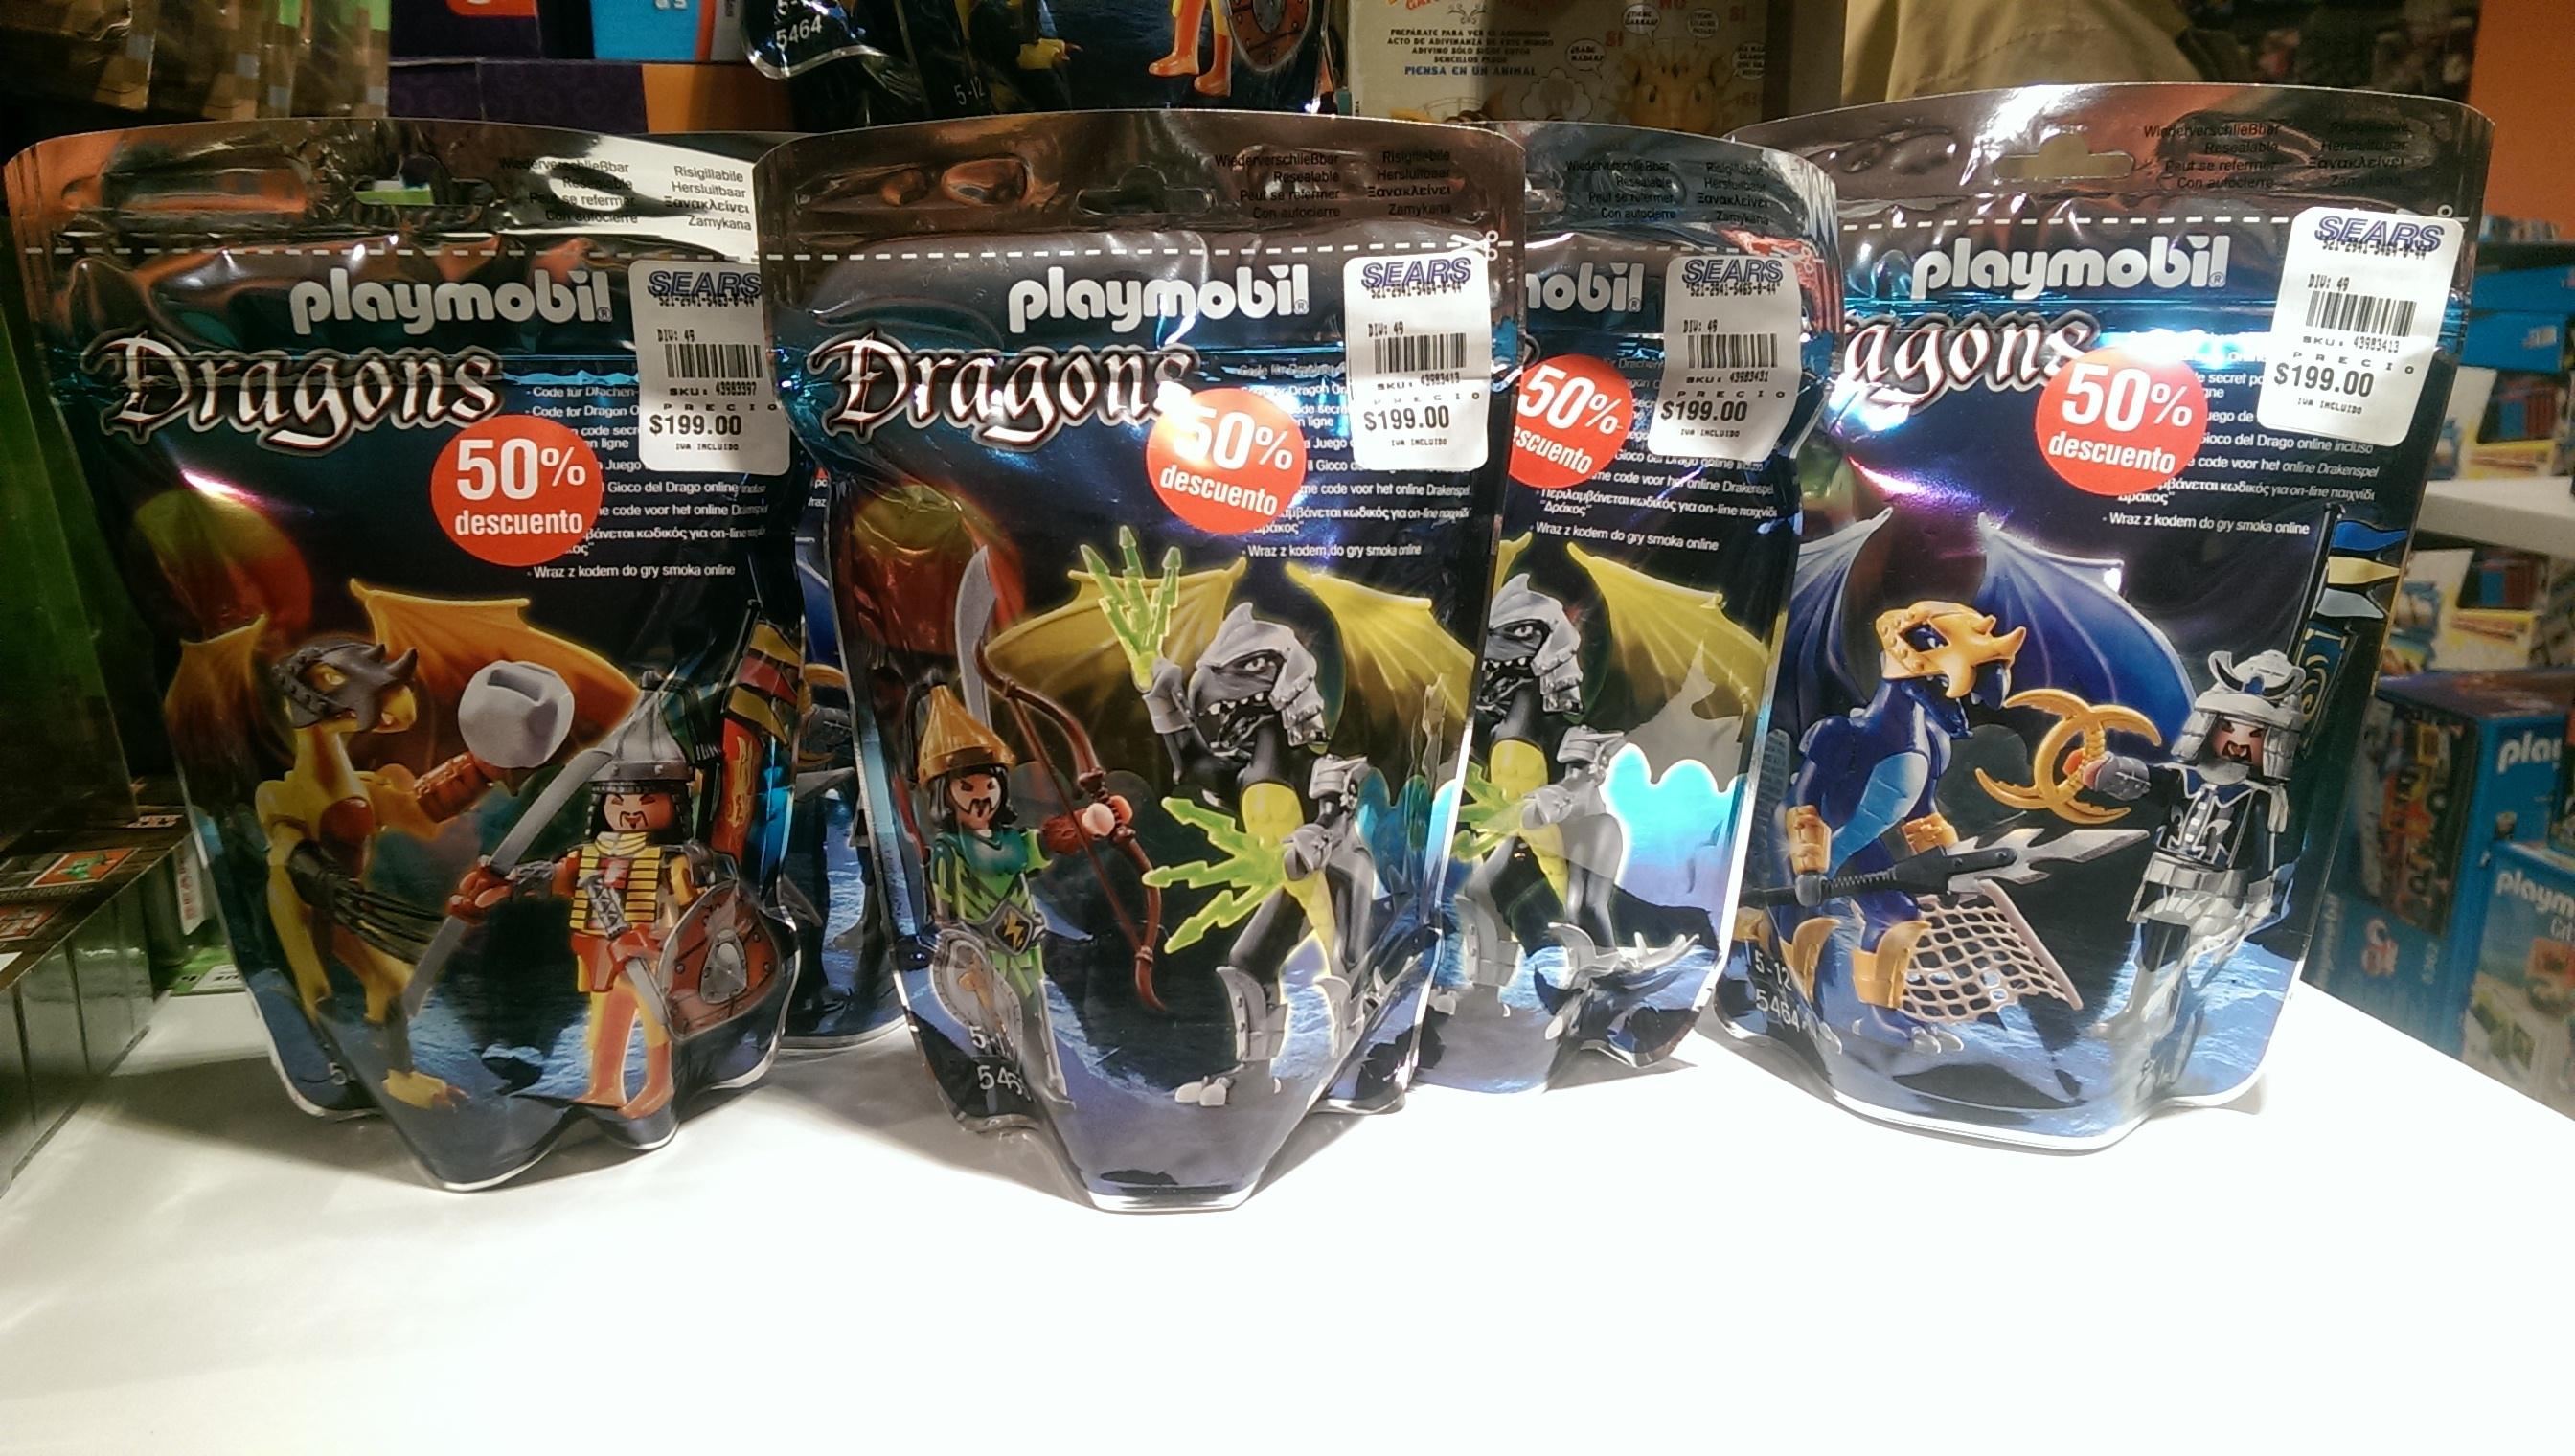 SEARS  Plaza Universidad DF: Playmobil Dragons con 50% de descuento